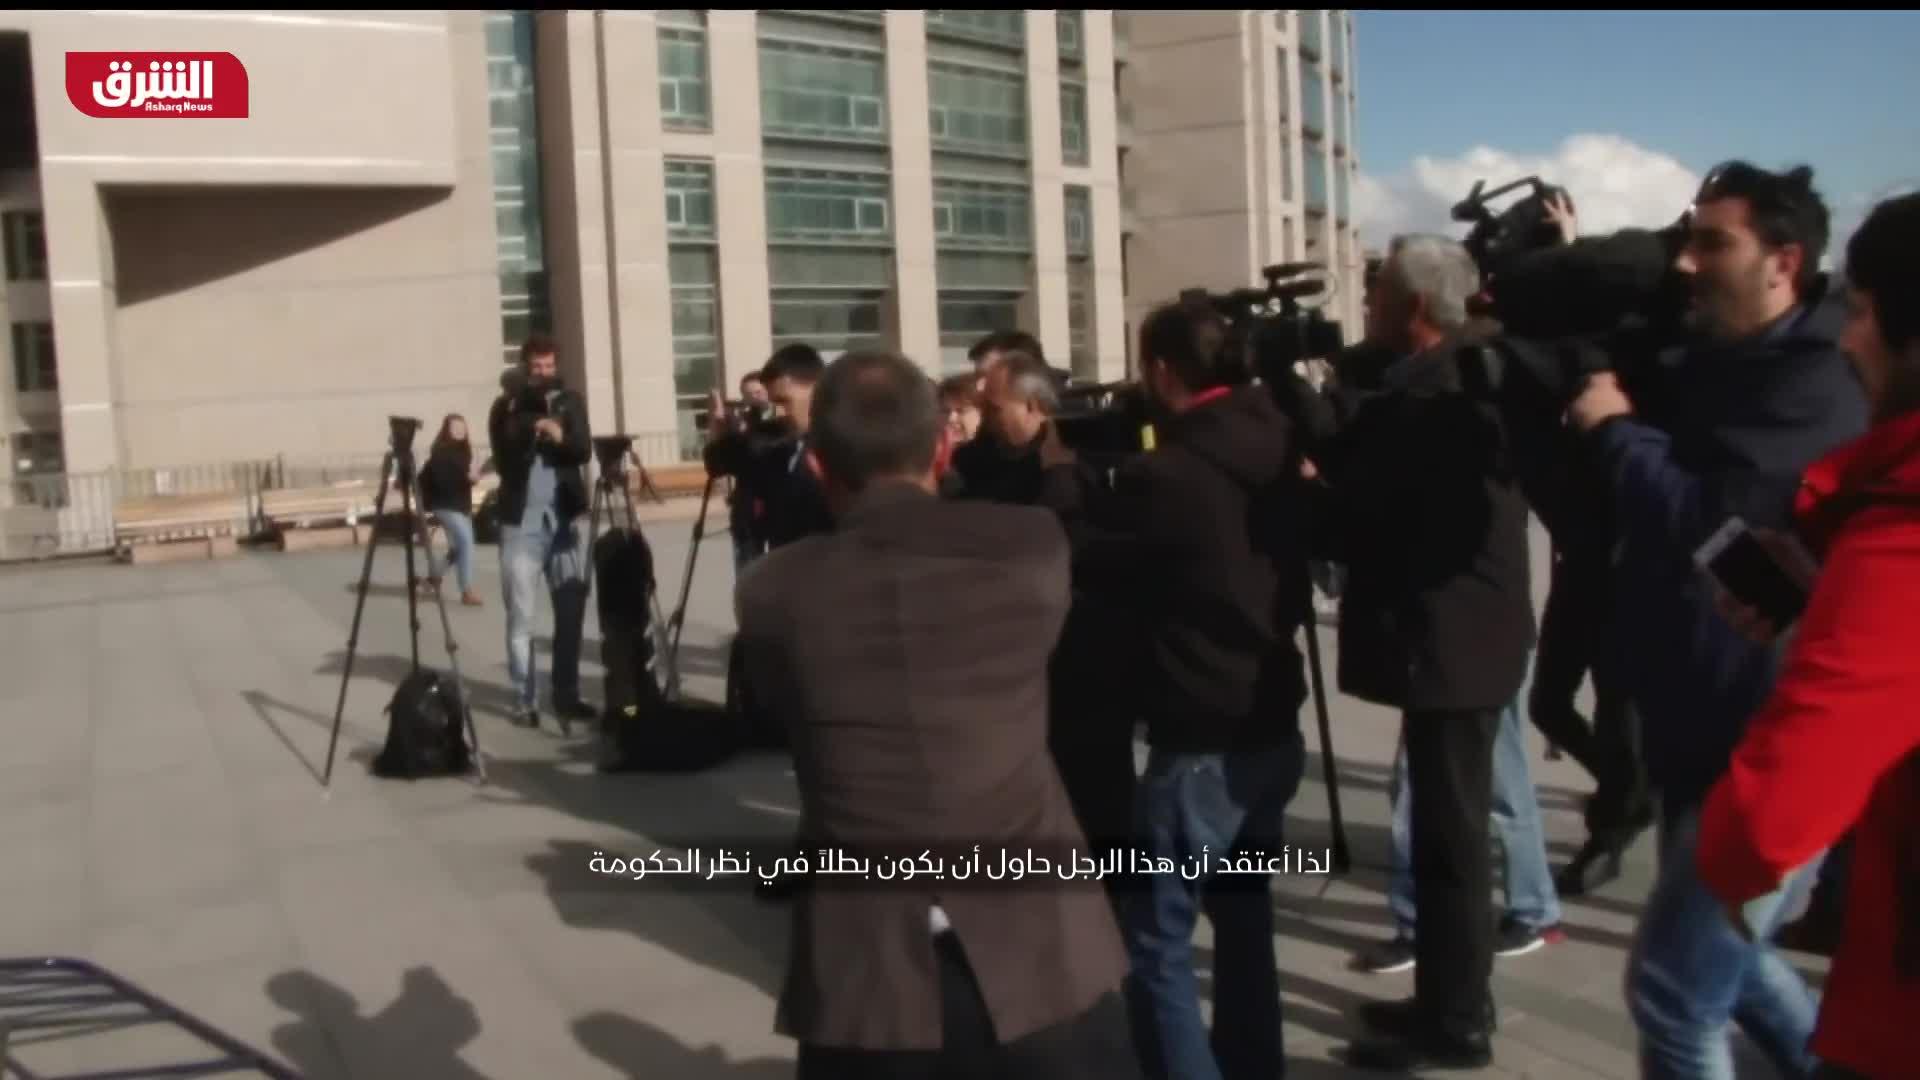 محاولة اغتيال الصحفي جان دوندار أمام مبنى المحكمة